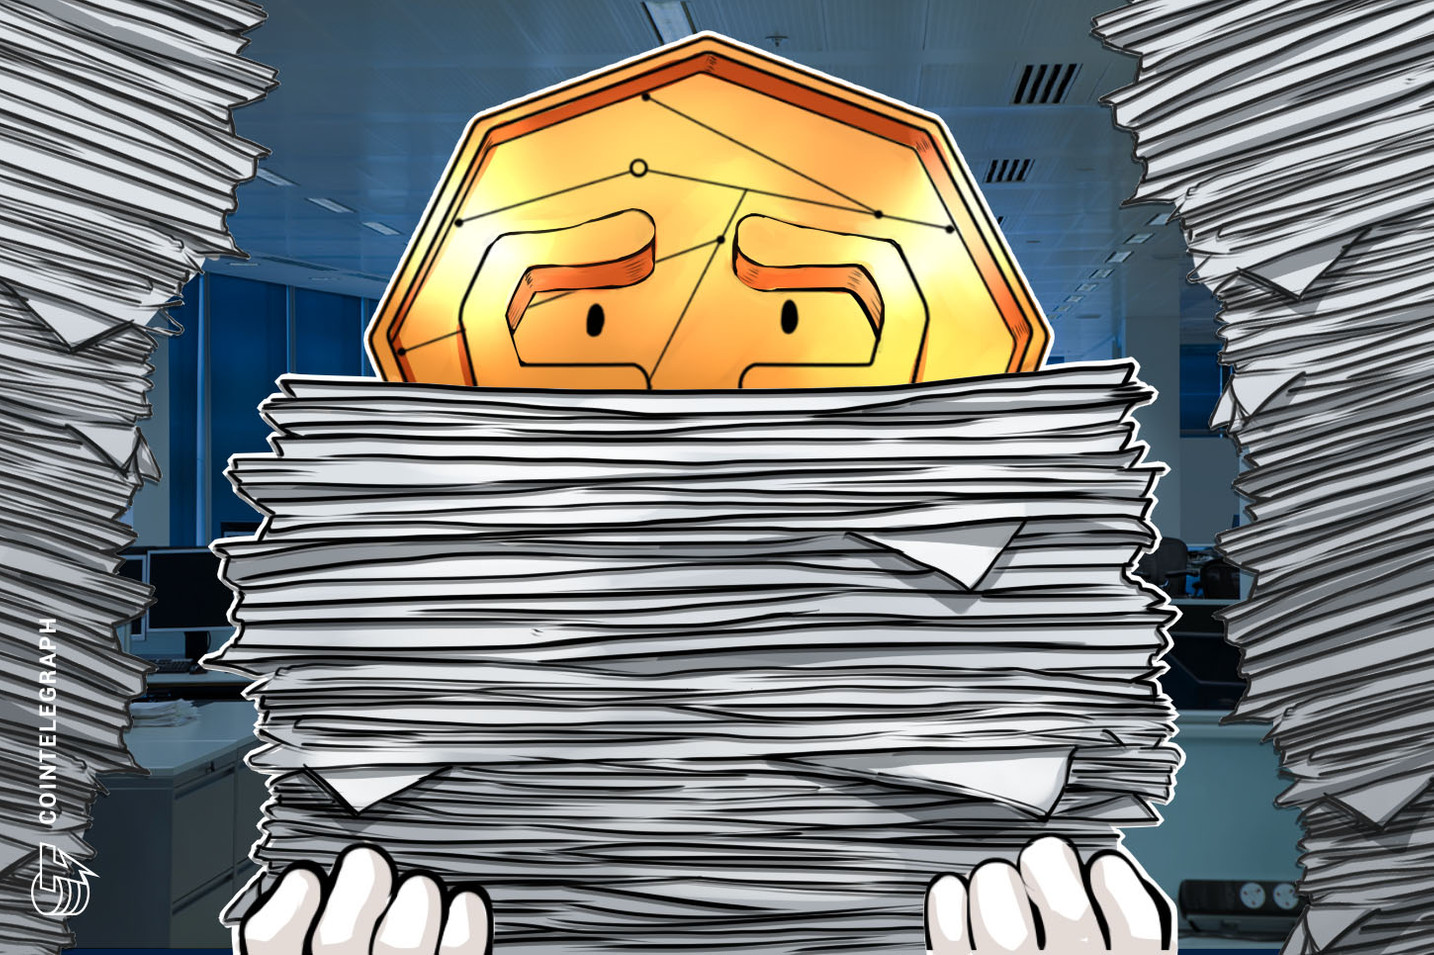 Law Decoded: nuevos regímenes contra el lavado de dinero y los nombramientos presidenciales de Joe Biden, 6 al 13 de noviembre